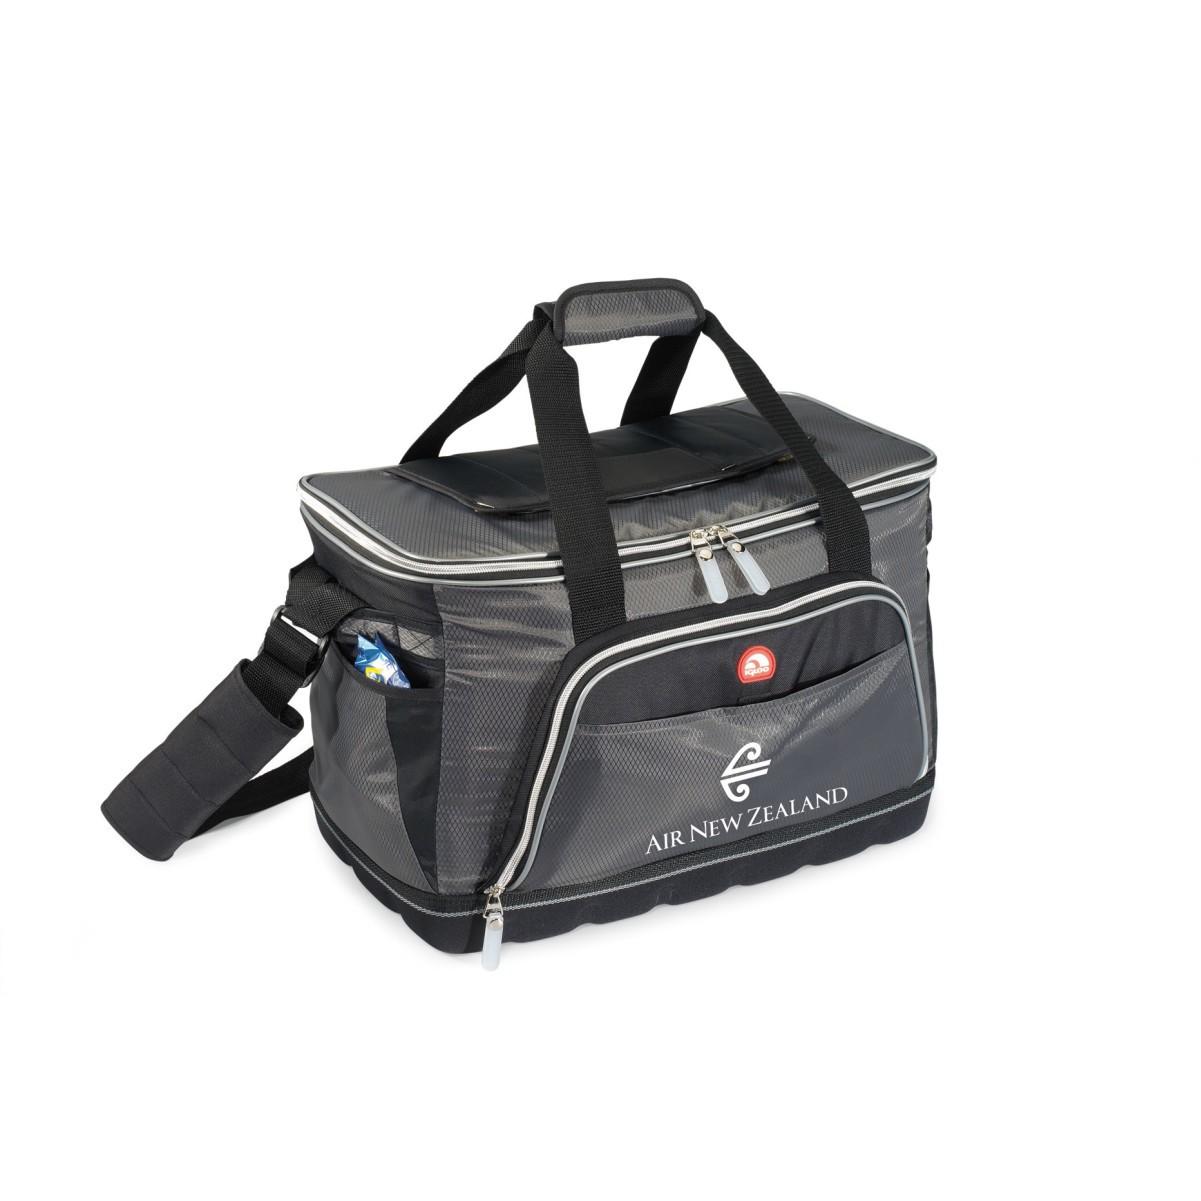 c11548dffd8 Igloo® Terrain Cooler Grey | Buy Gemline